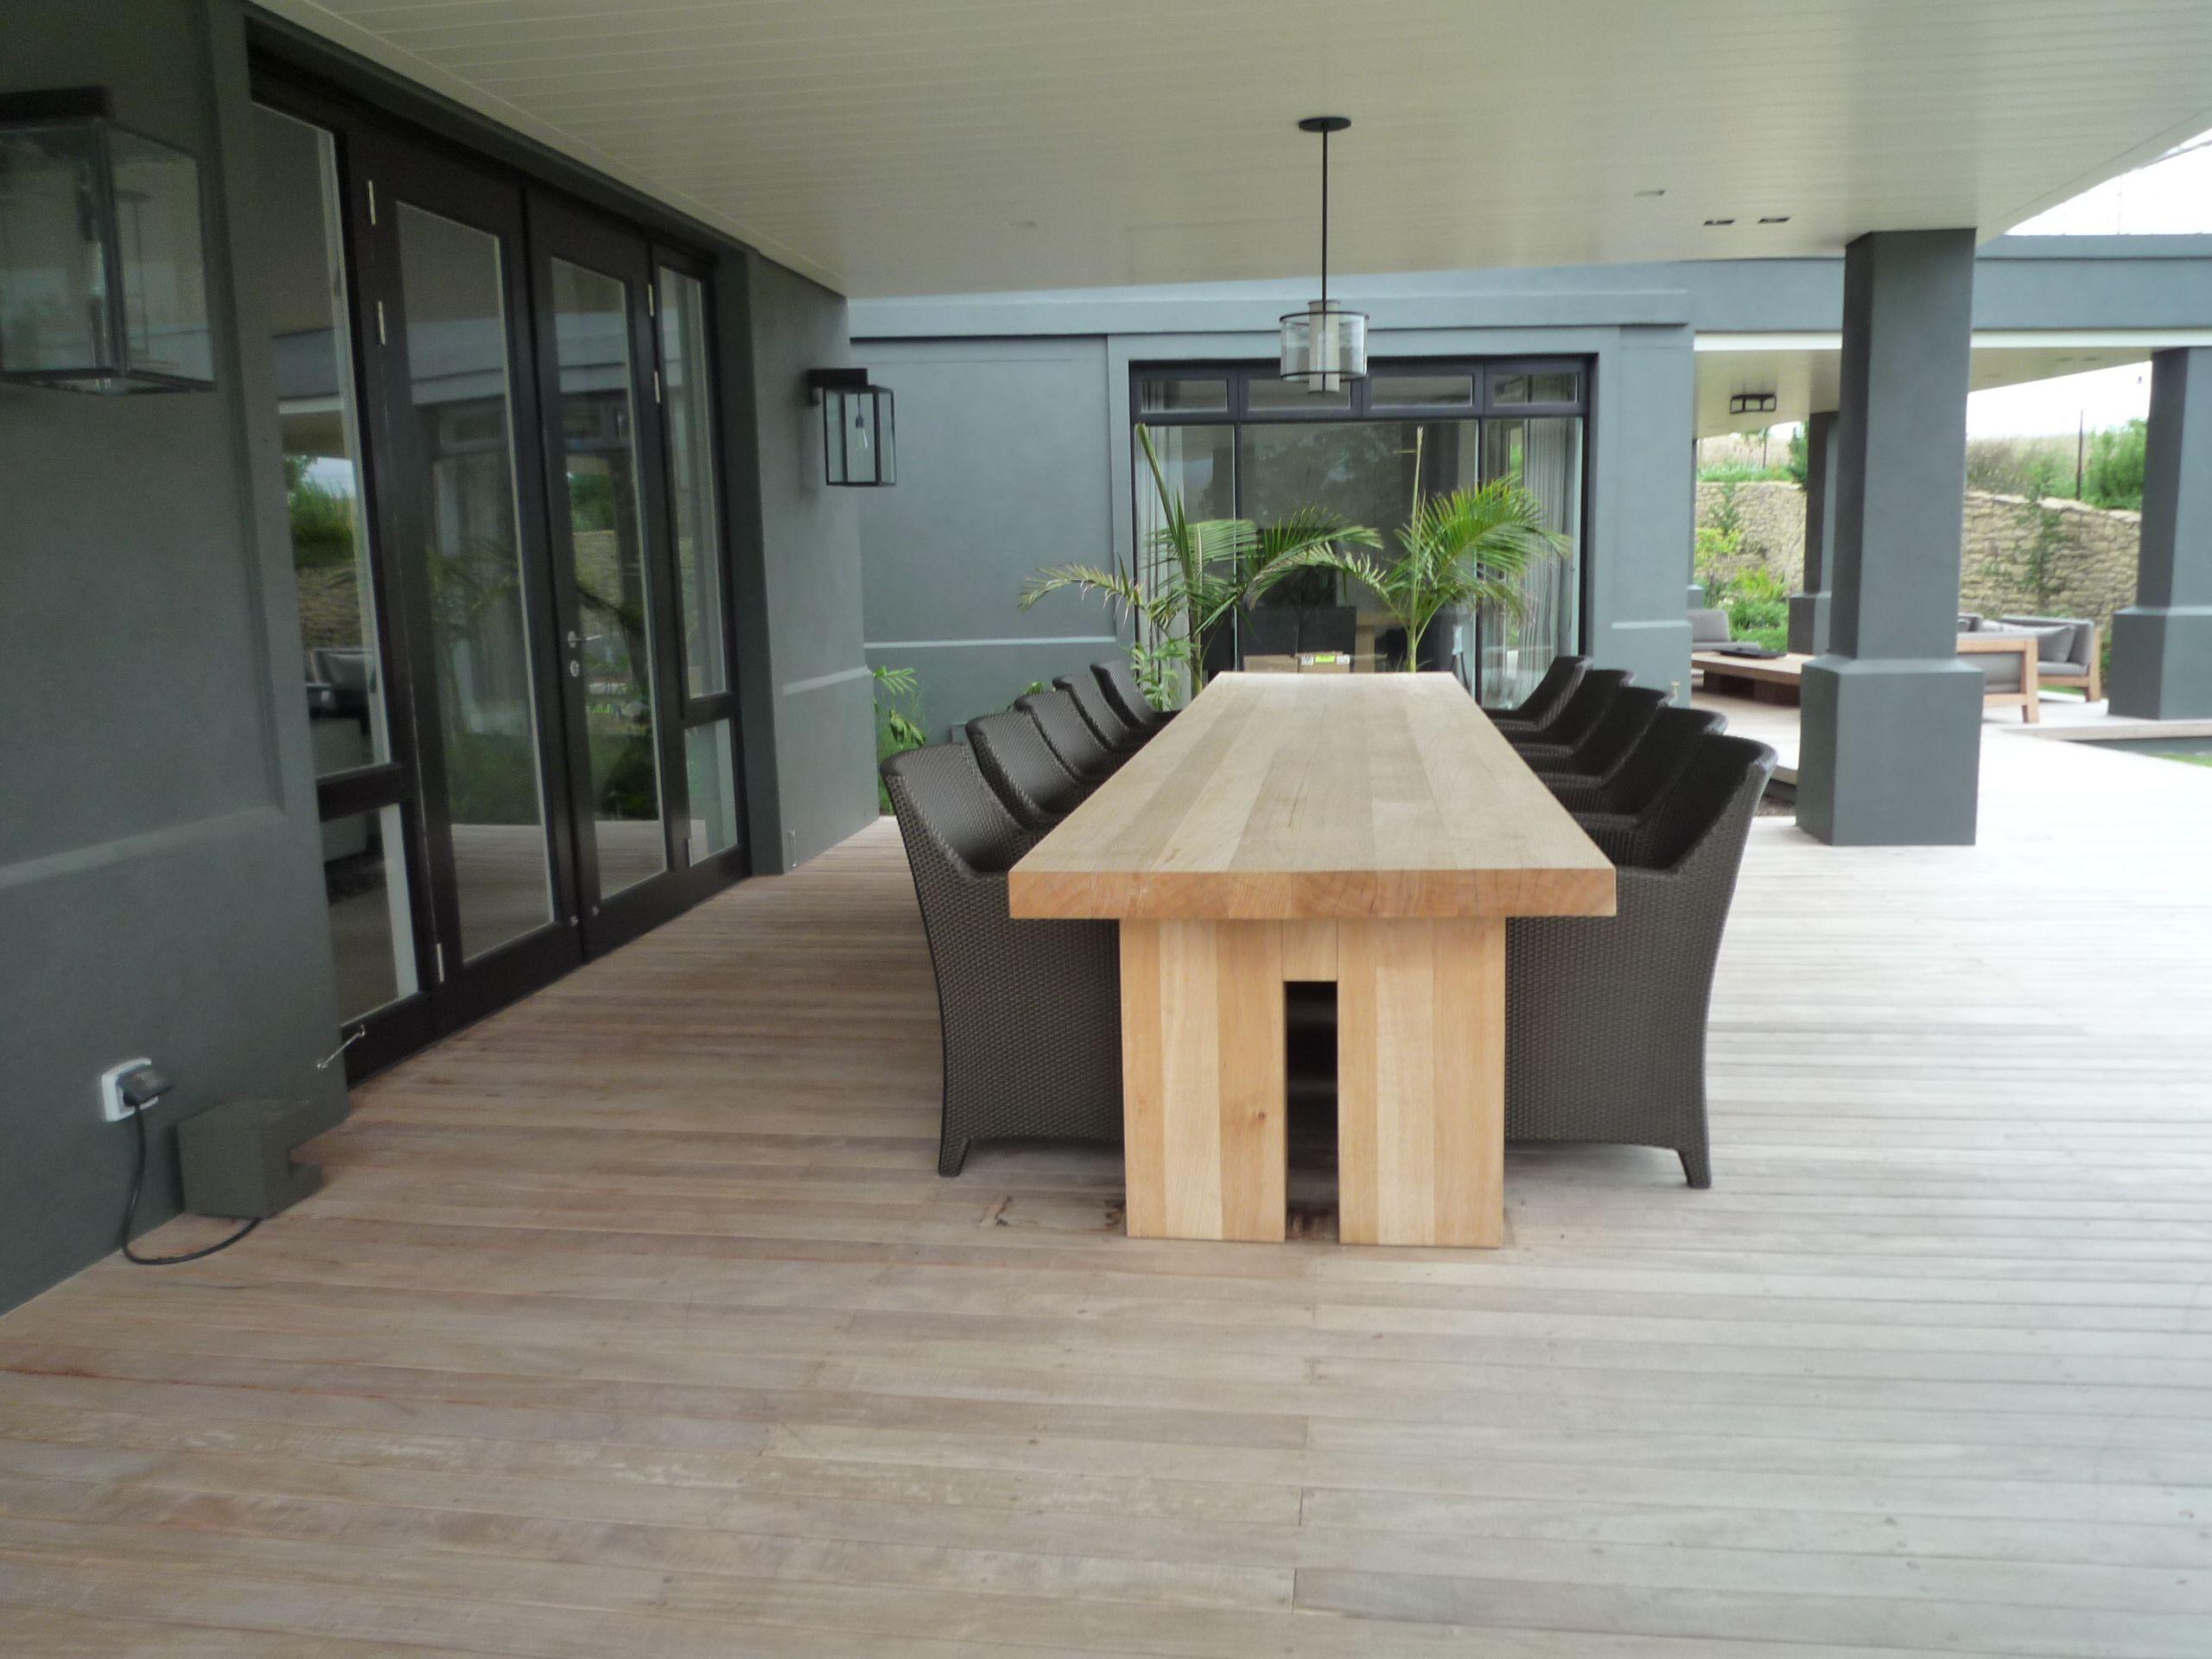 Vloeren Voor Buiten : Houten buiten tafels made by beukers vloeren interieurbouw